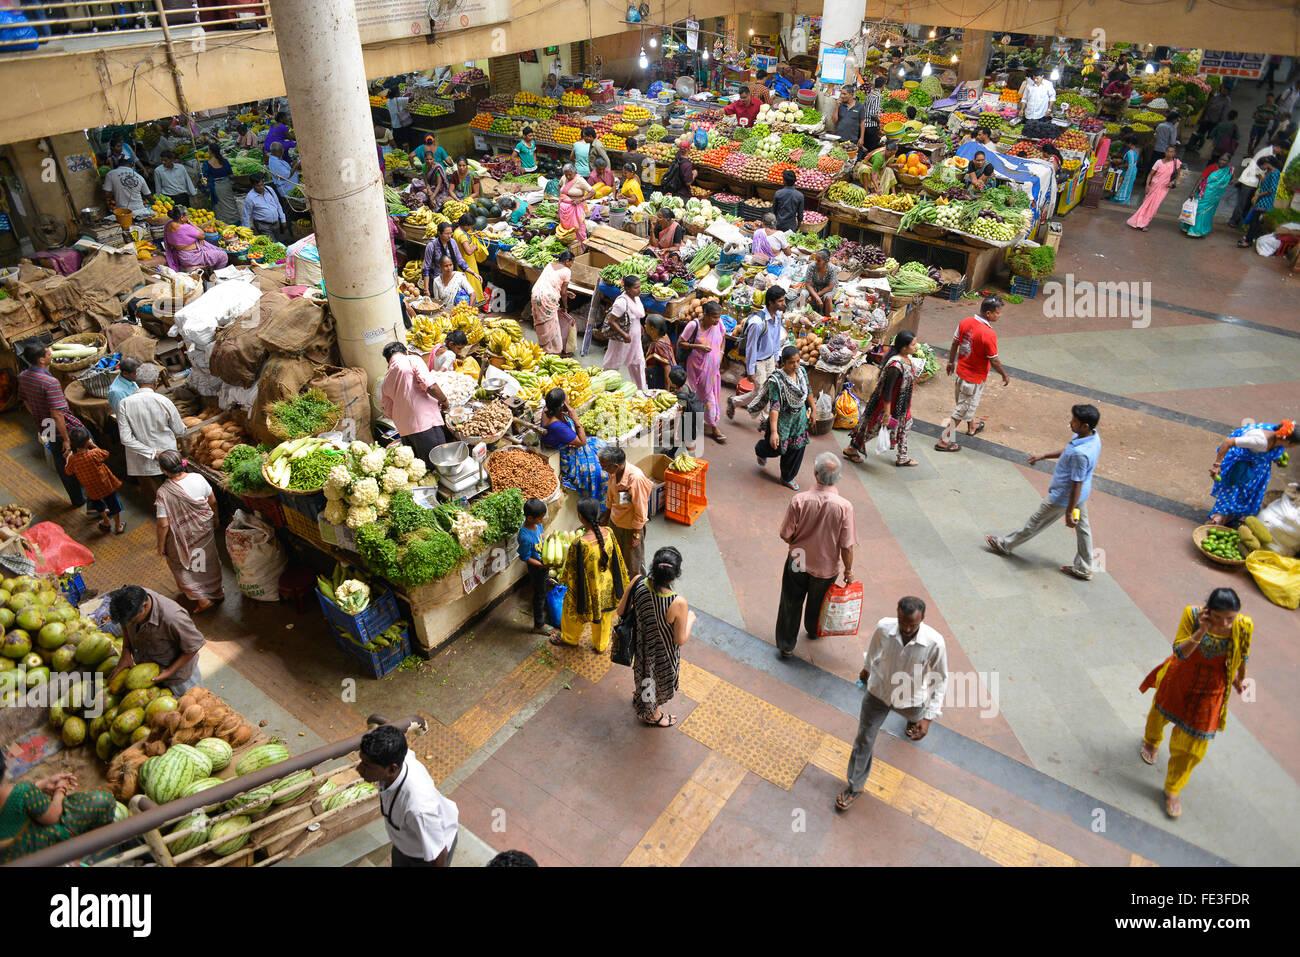 La India Goa mercado de fruta y verdura en Panaji Foto de stock